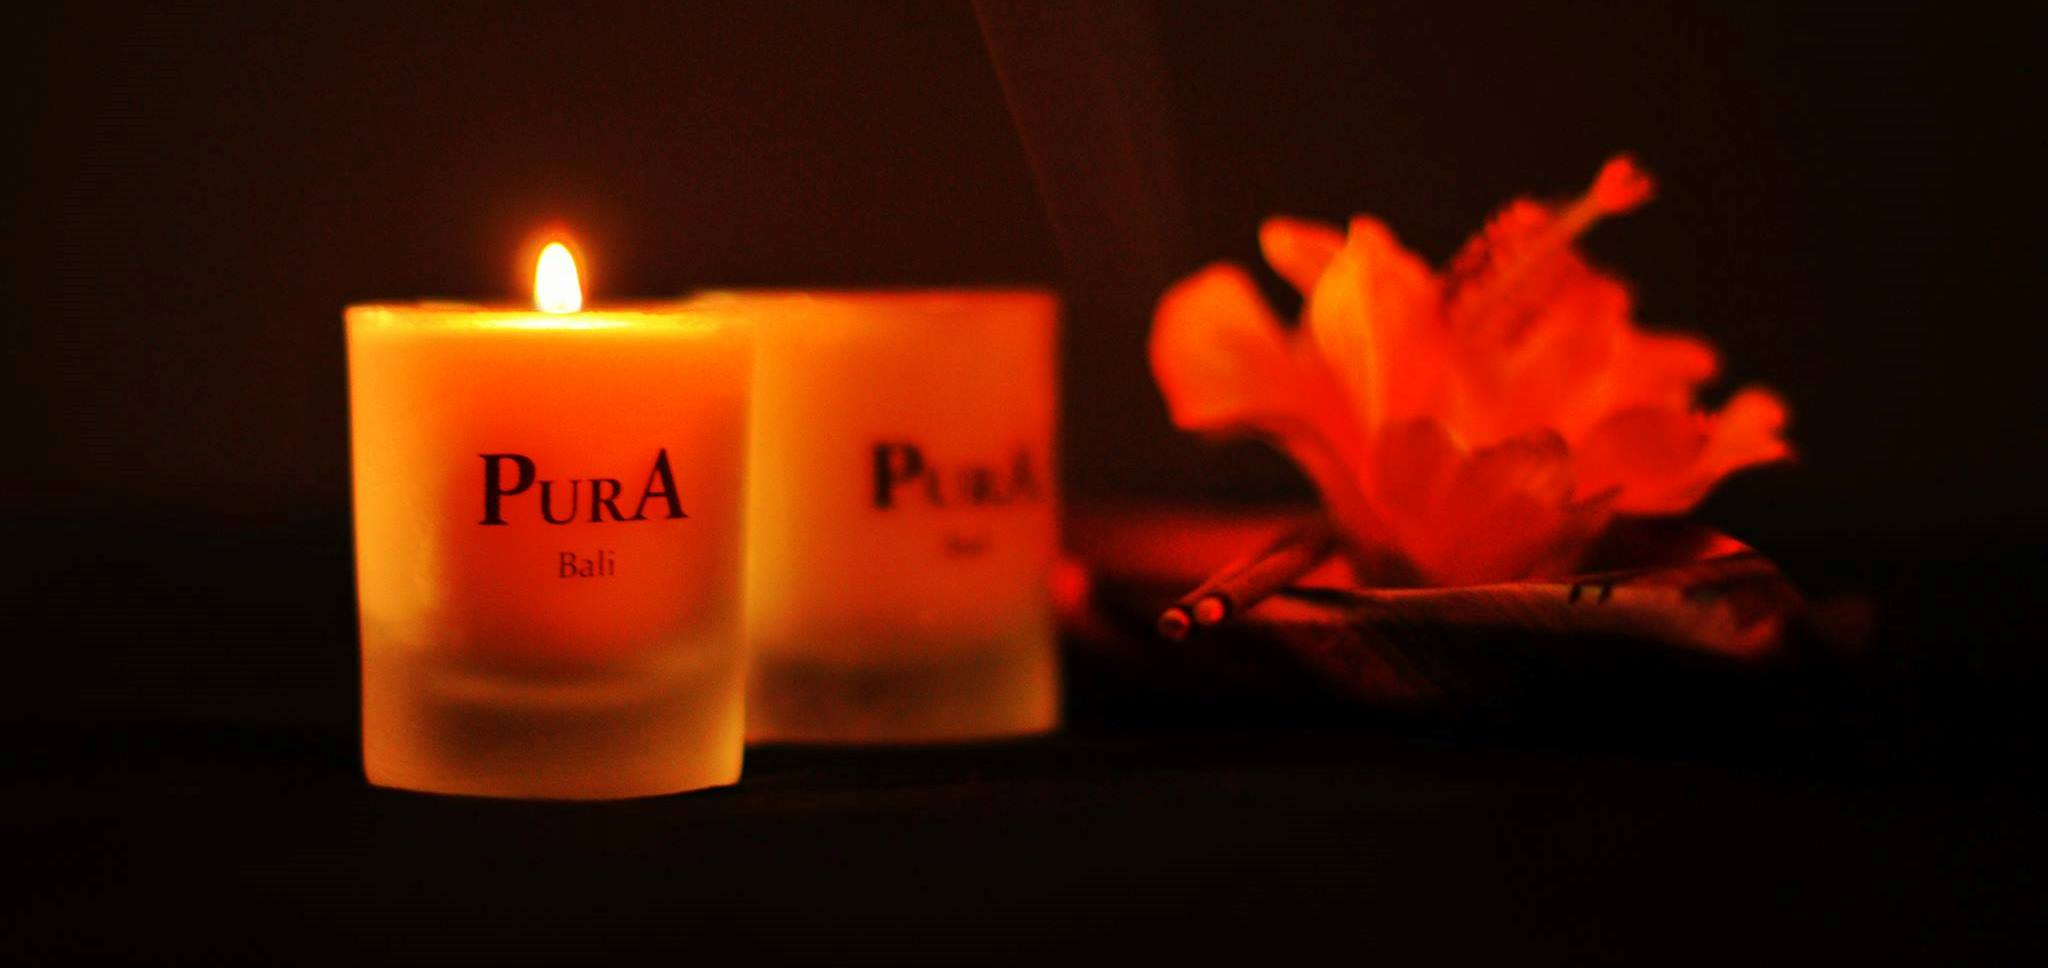 Pura Bali, cosmetiques de bien-être indonesiens